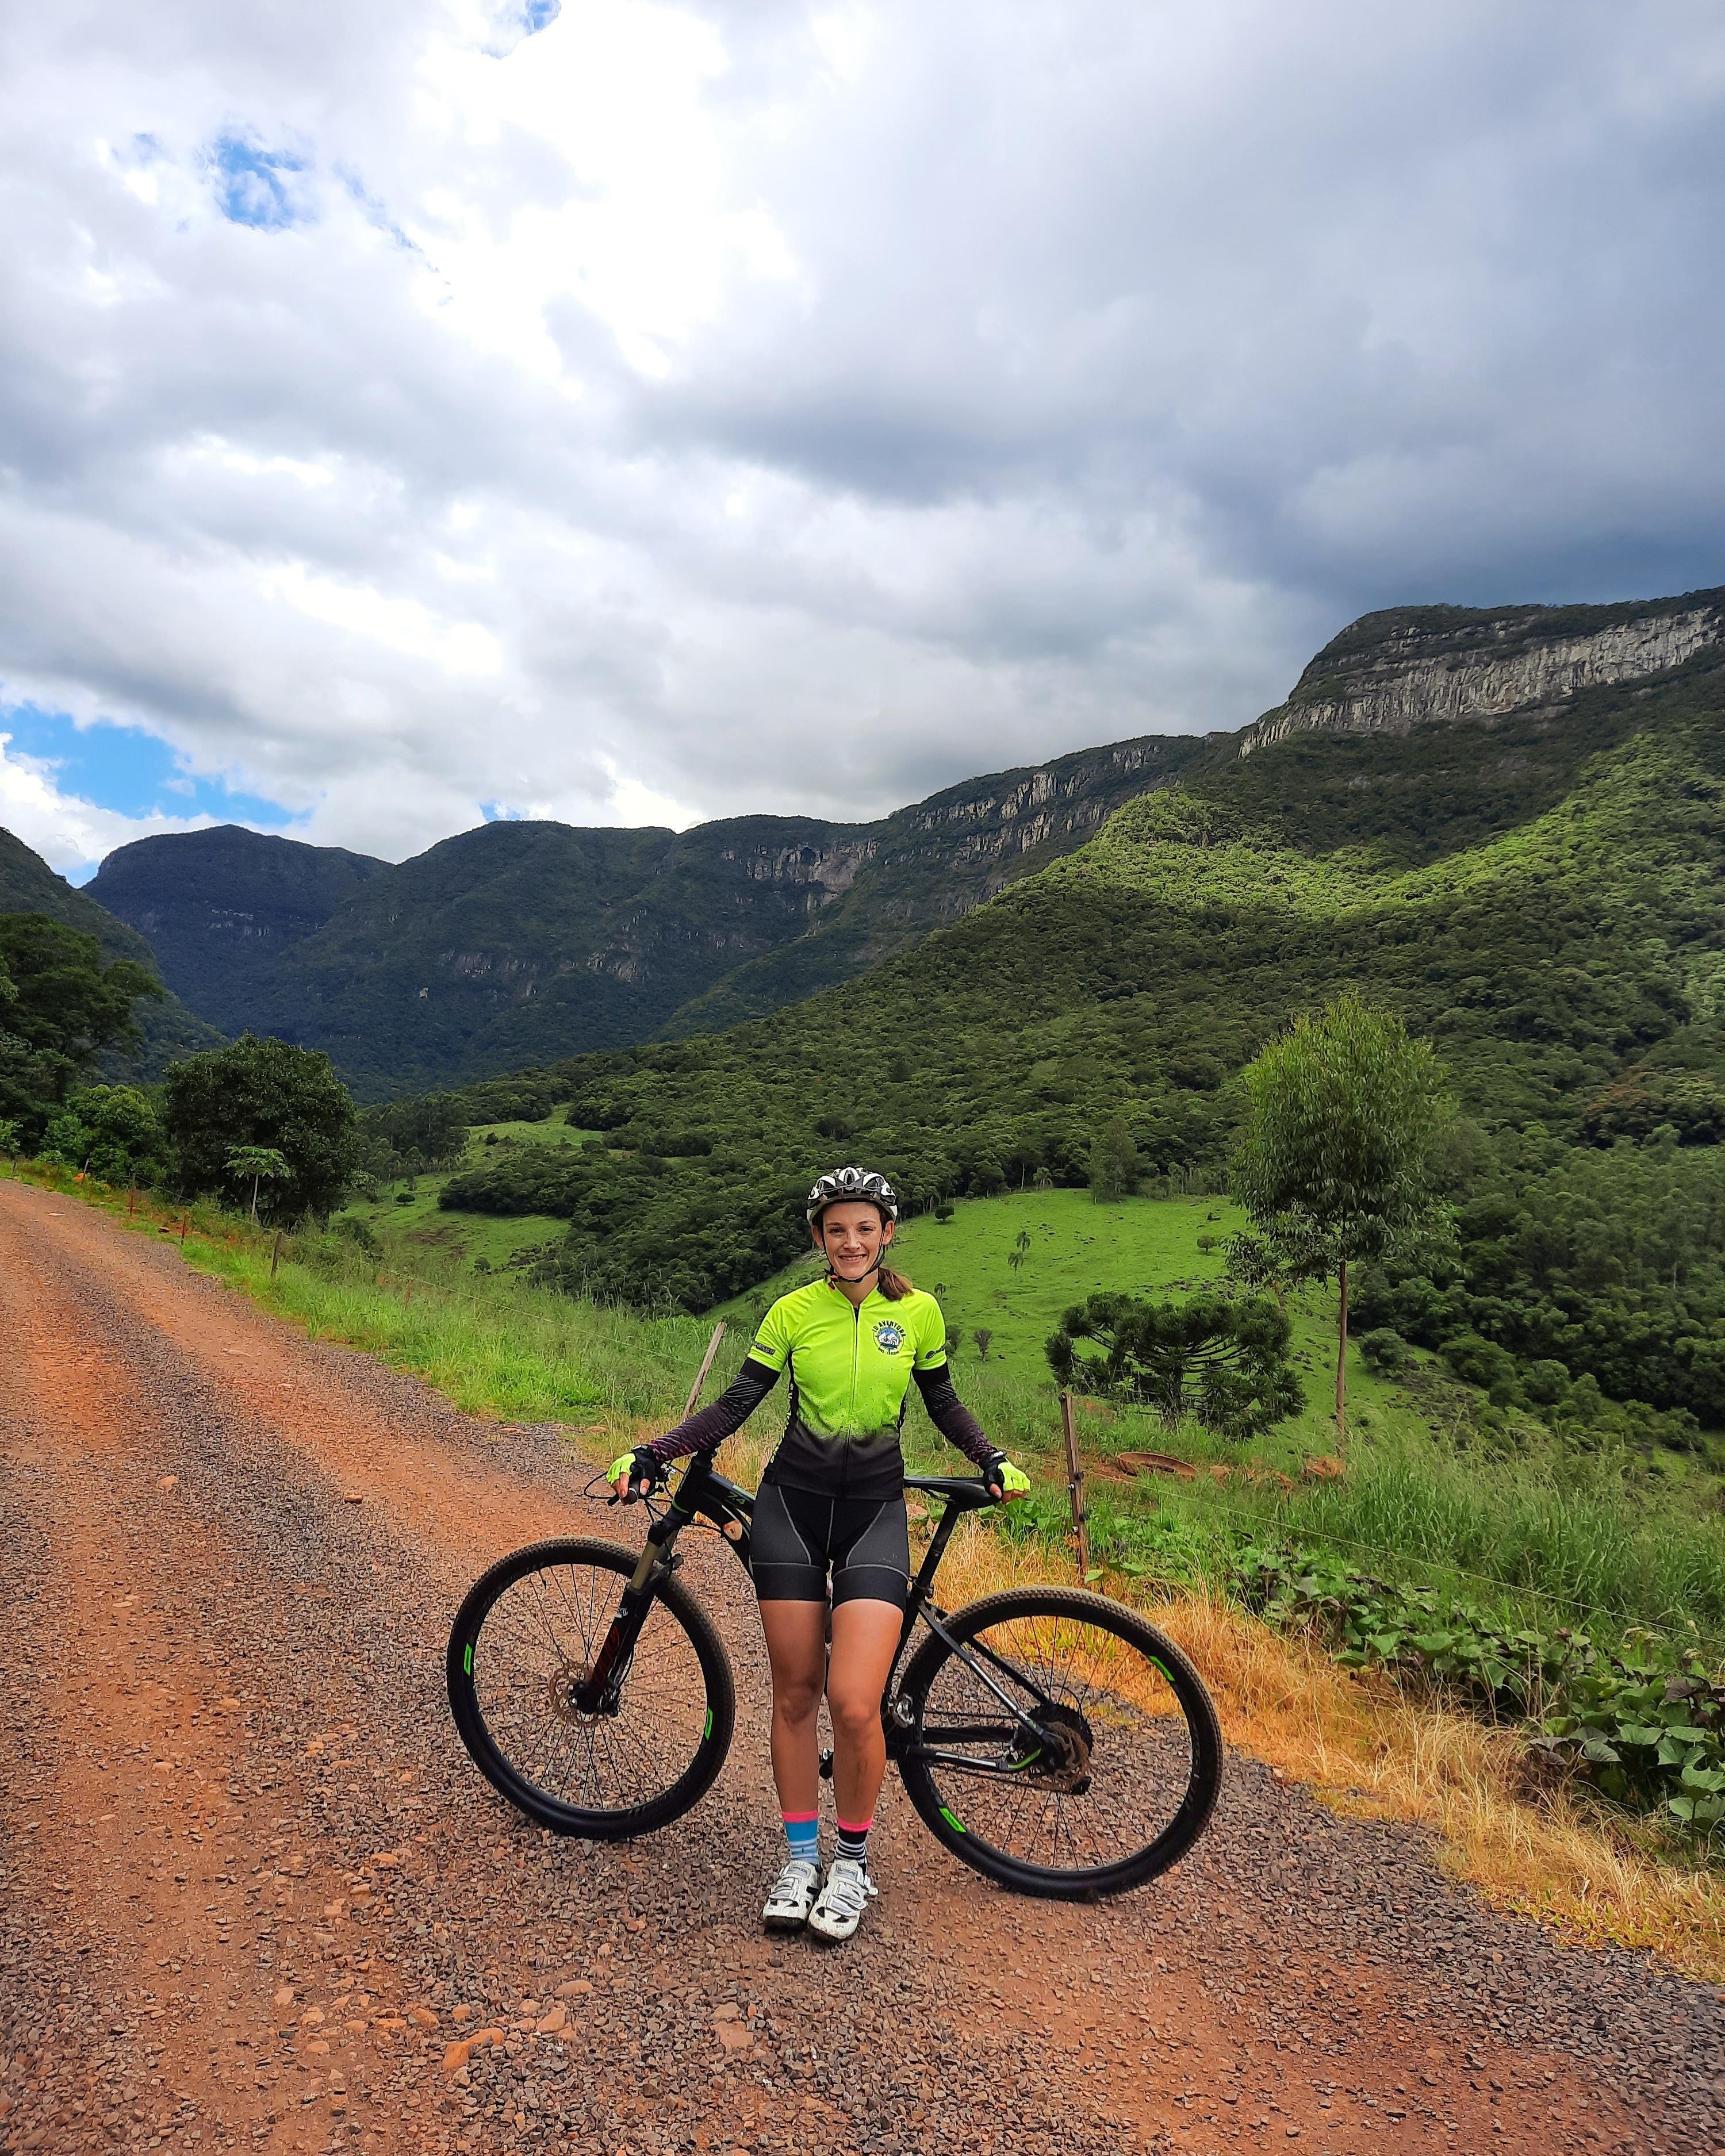 Foto de uma mulher branca em pé em frente a uma bicicleta. Ela veste um macacão de bike verde e preto, tênis, luva verde e capacete cinza. Ao fundo o início de uma montanha, com pequenos arbustos.